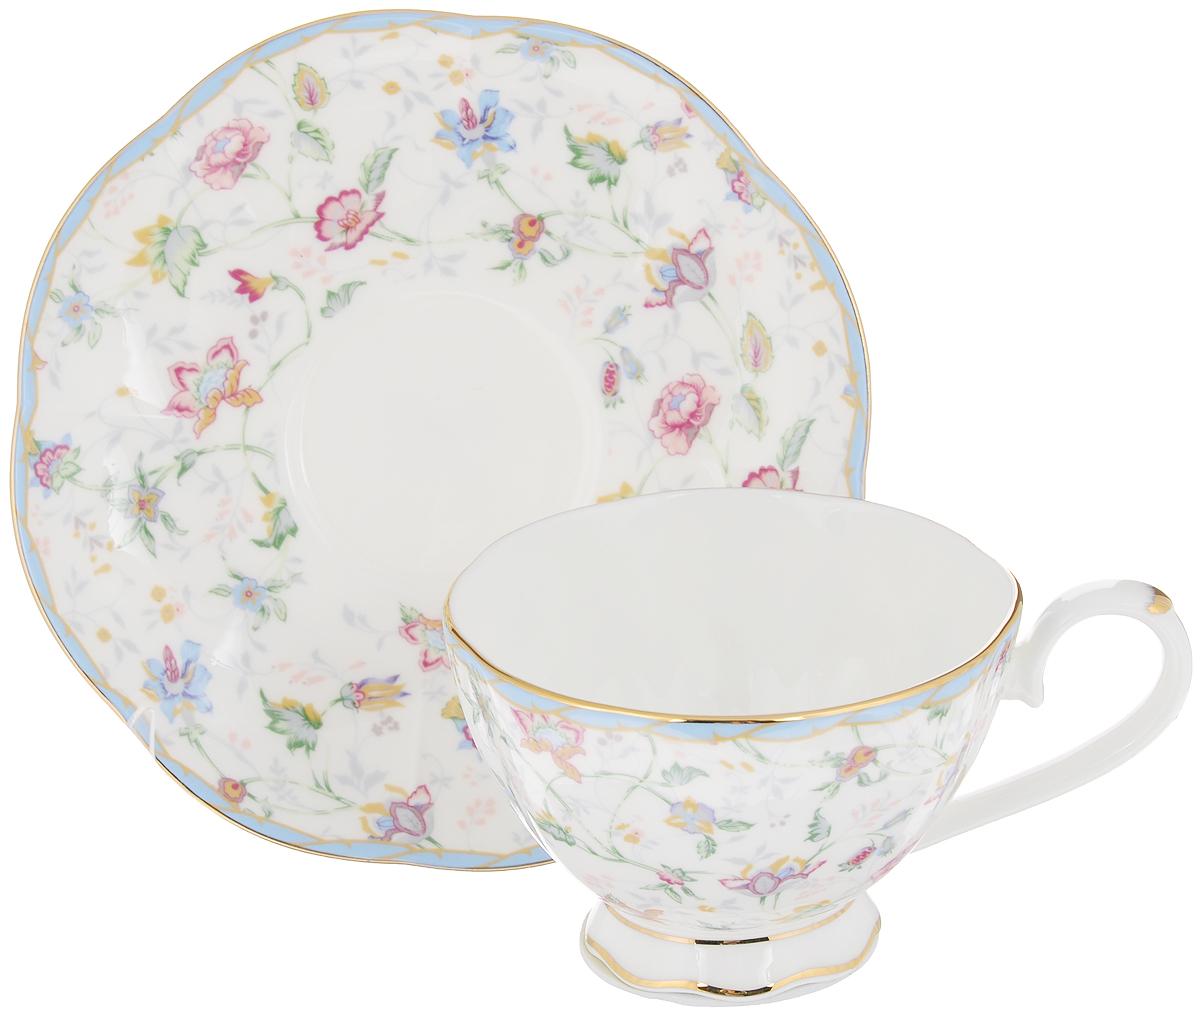 Чайная пара Цветочный каприз, 2 предмета530042Чайная пара Elan Gallery Цветочный каприз состоит из чашки и блюдца, изготовленных из керамики высшего качества, отличающегося необыкновенной прочностью и небольшим весом. Яркий дизайн, несомненно, придется вам по вкусу. Чайная пара Elan Gallery Цветочный каприз украсит ваш кухонный стол, а также станет замечательным подарком к любому празднику. Не рекомендуется применять абразивные моющие средства. Не использовать в микроволновой печи. Объем чашки: 250 мл. Диаметр чашки (по верхнему краю): 10 см. Высота чашки: 6,5 см. Диаметр блюдца: 16 см. Высота блюдца: 2,2 см.